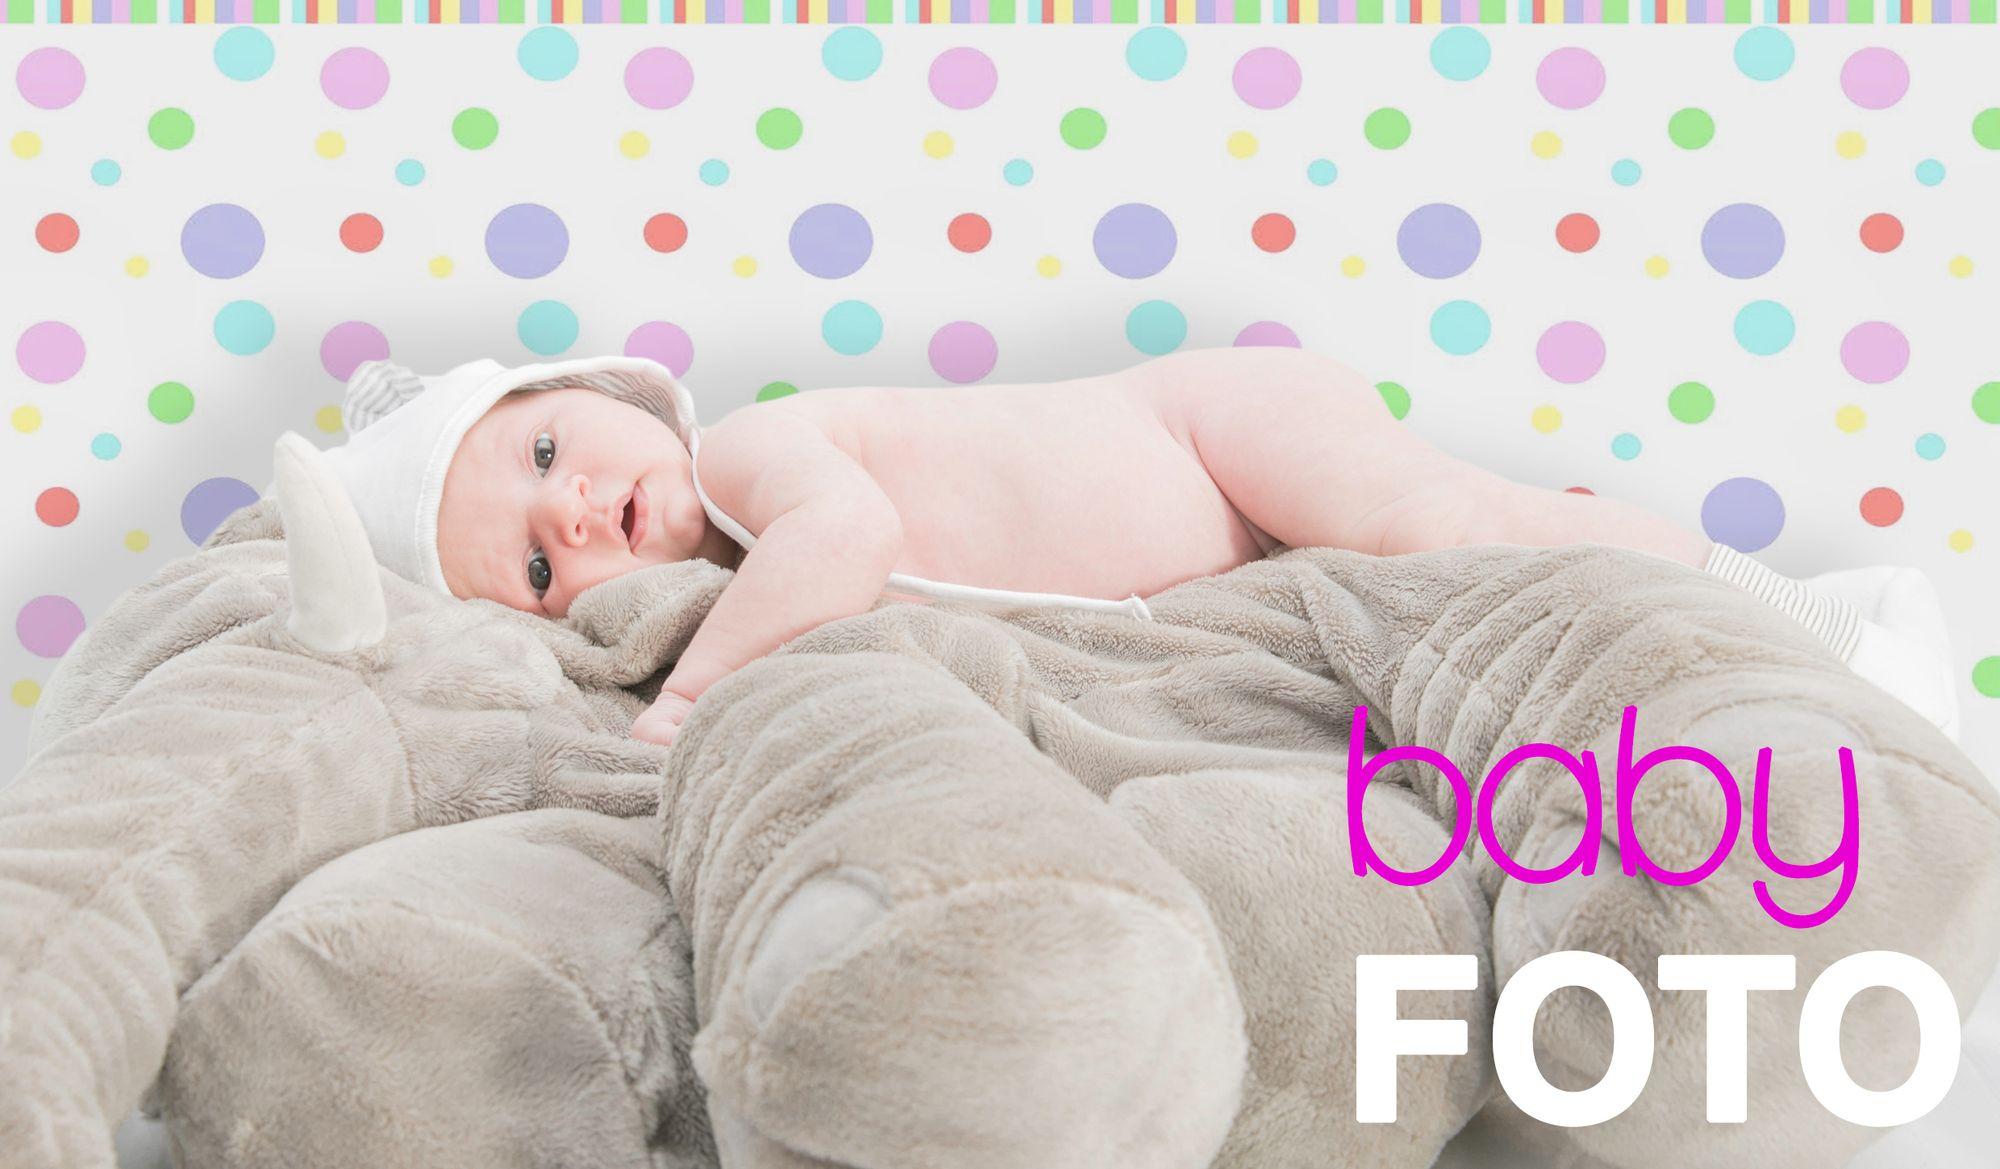 babyfoto - actievents ™ | organización de eventos y bodas